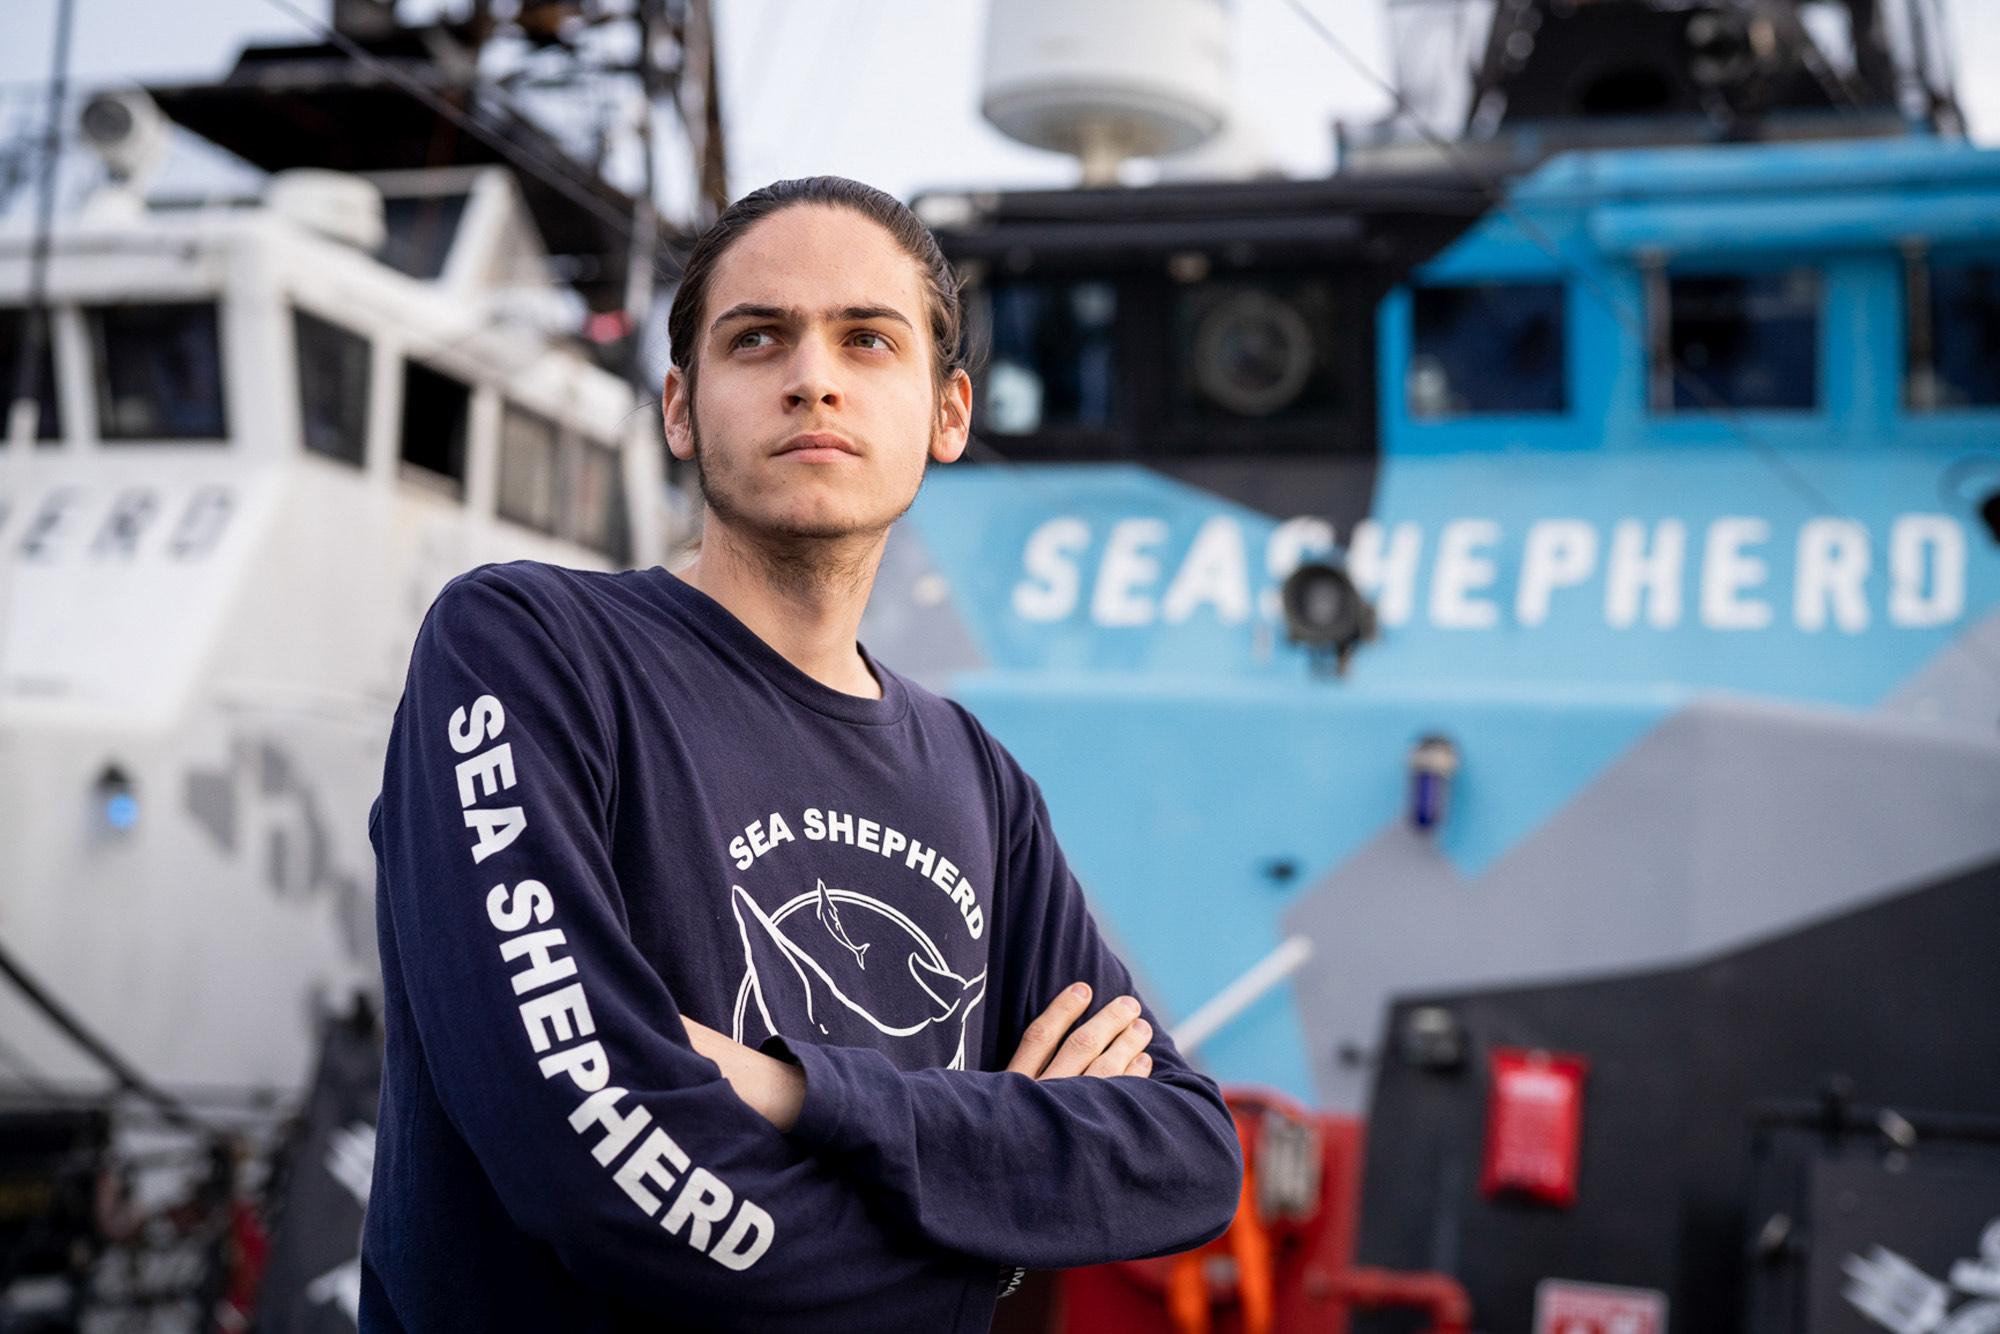 sea-shepherd-first-officer SEA SHEPHERD